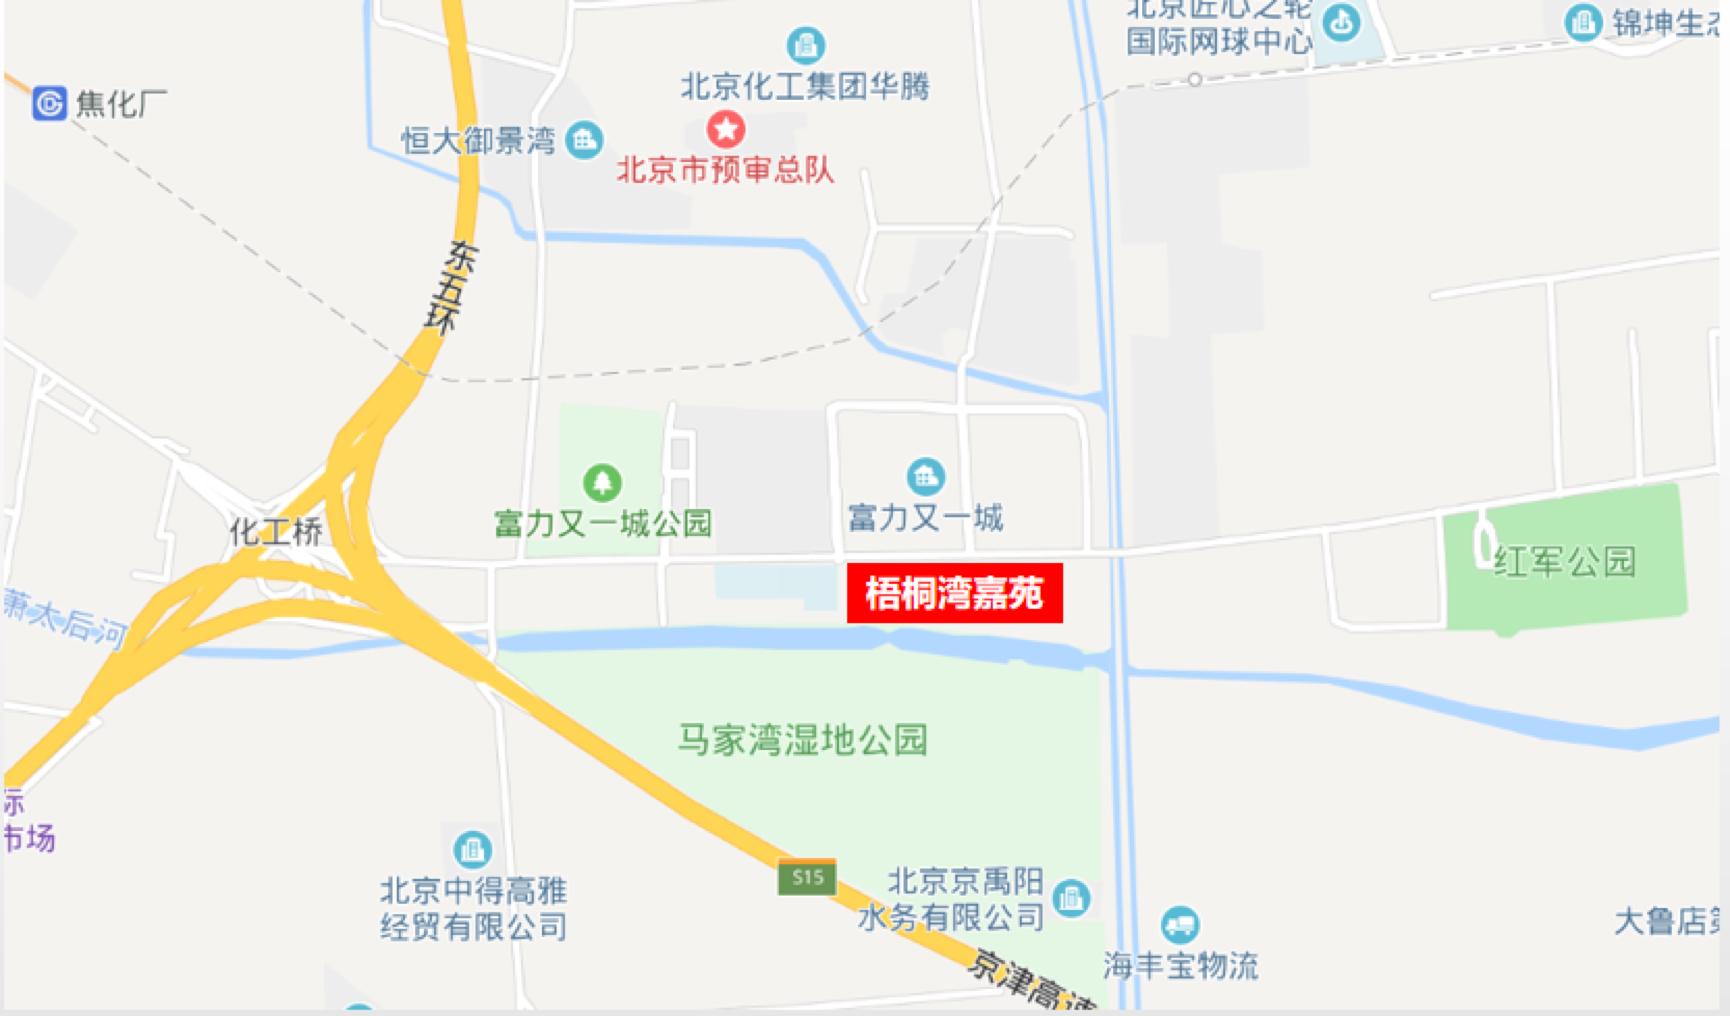 http://jszhy.cn/guoji/164185.html